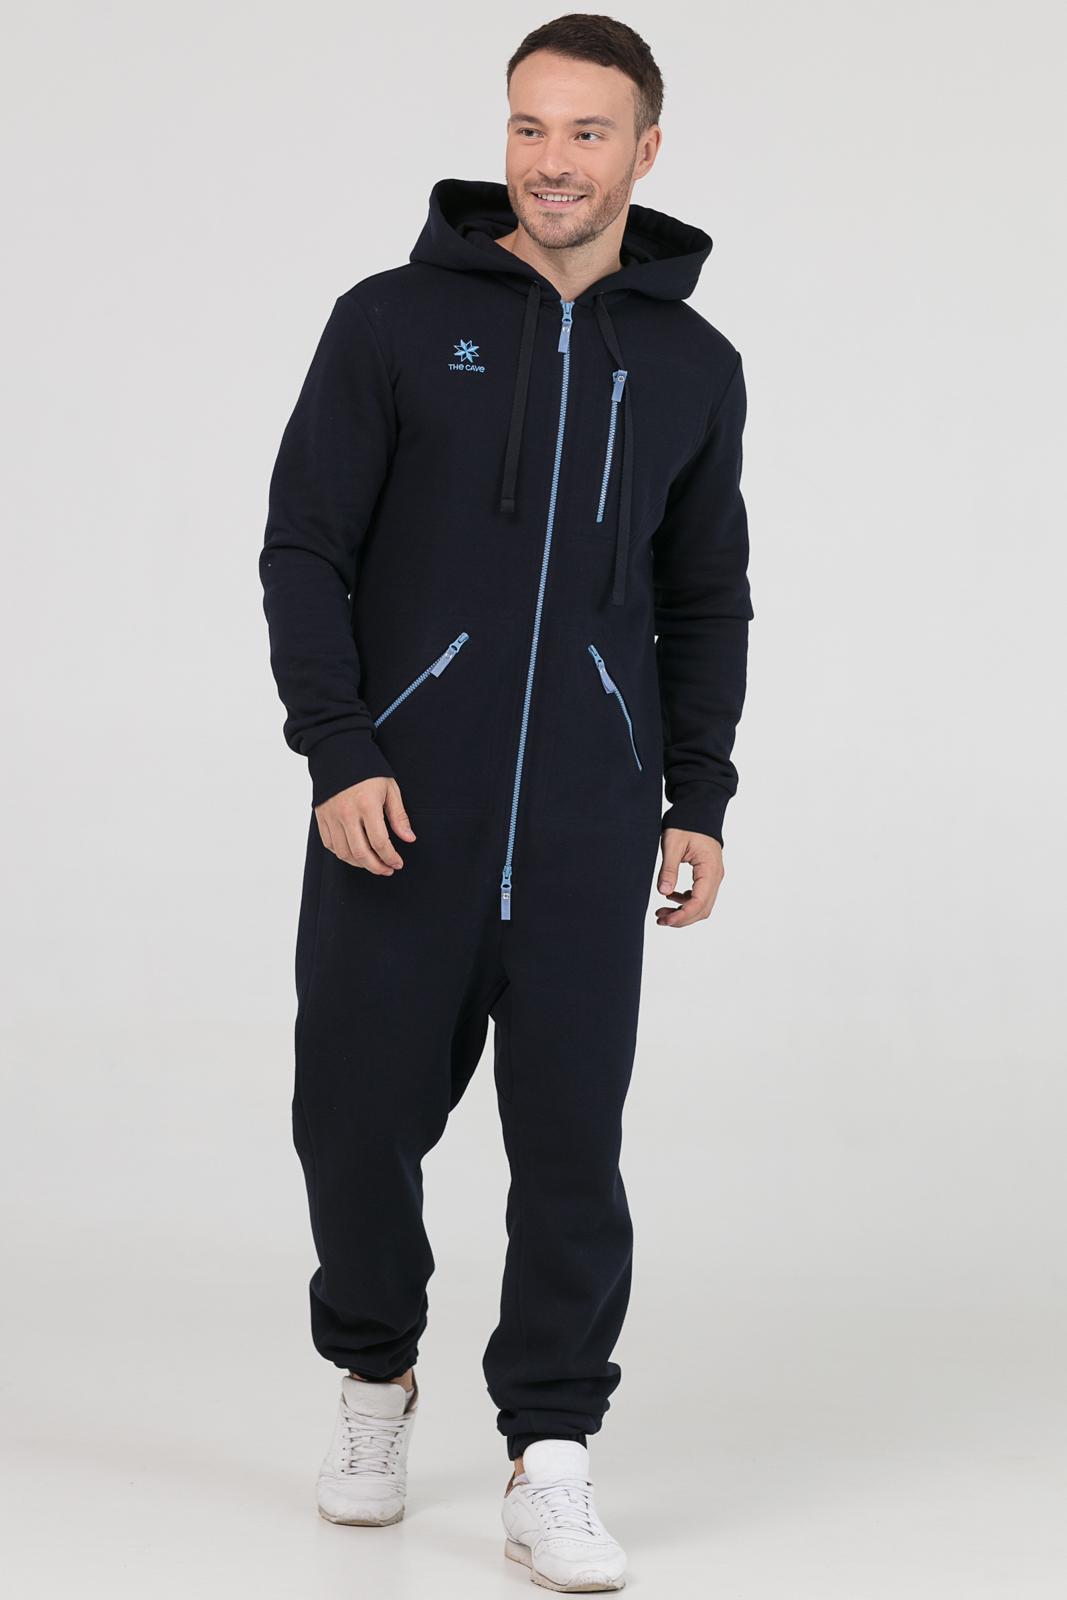 Купить Комбинезон темно-синий мужской из текстиля, МОСМЕХА, 6600384